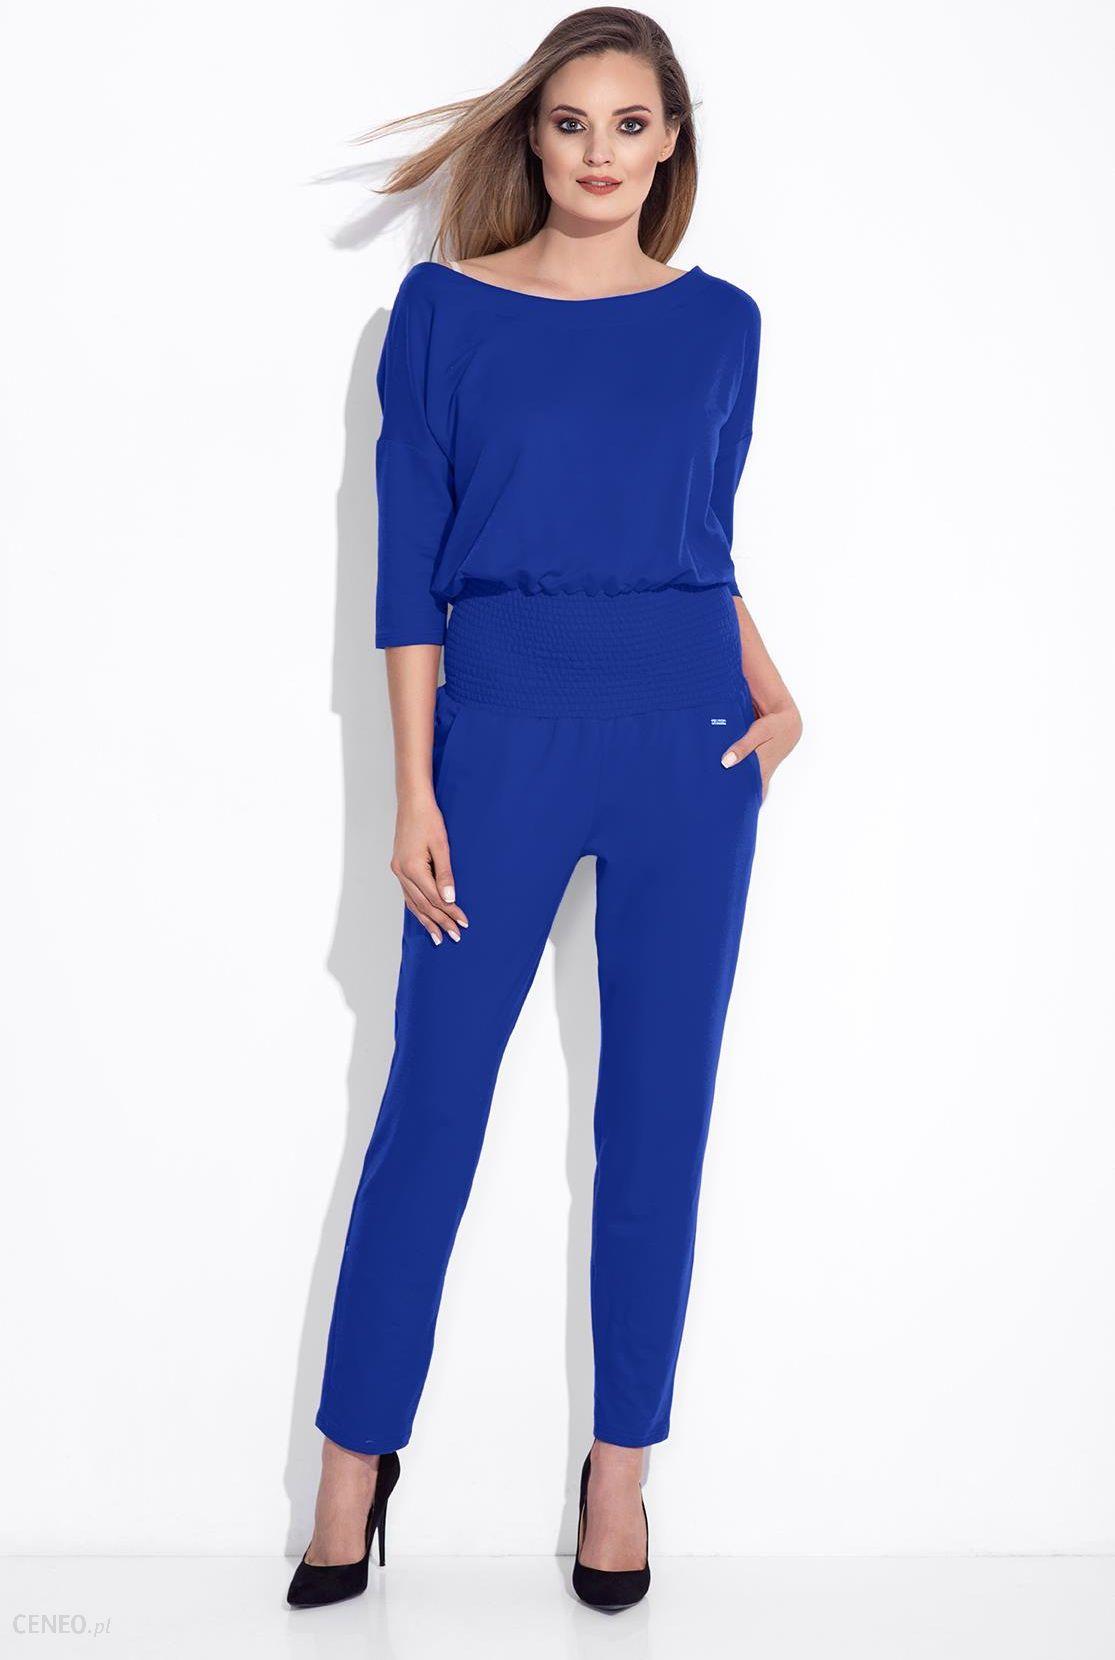 b35b5a4809 Bien Fashion Chabrowy wizytowy kombinezon damski niebieski - Ceny i ...